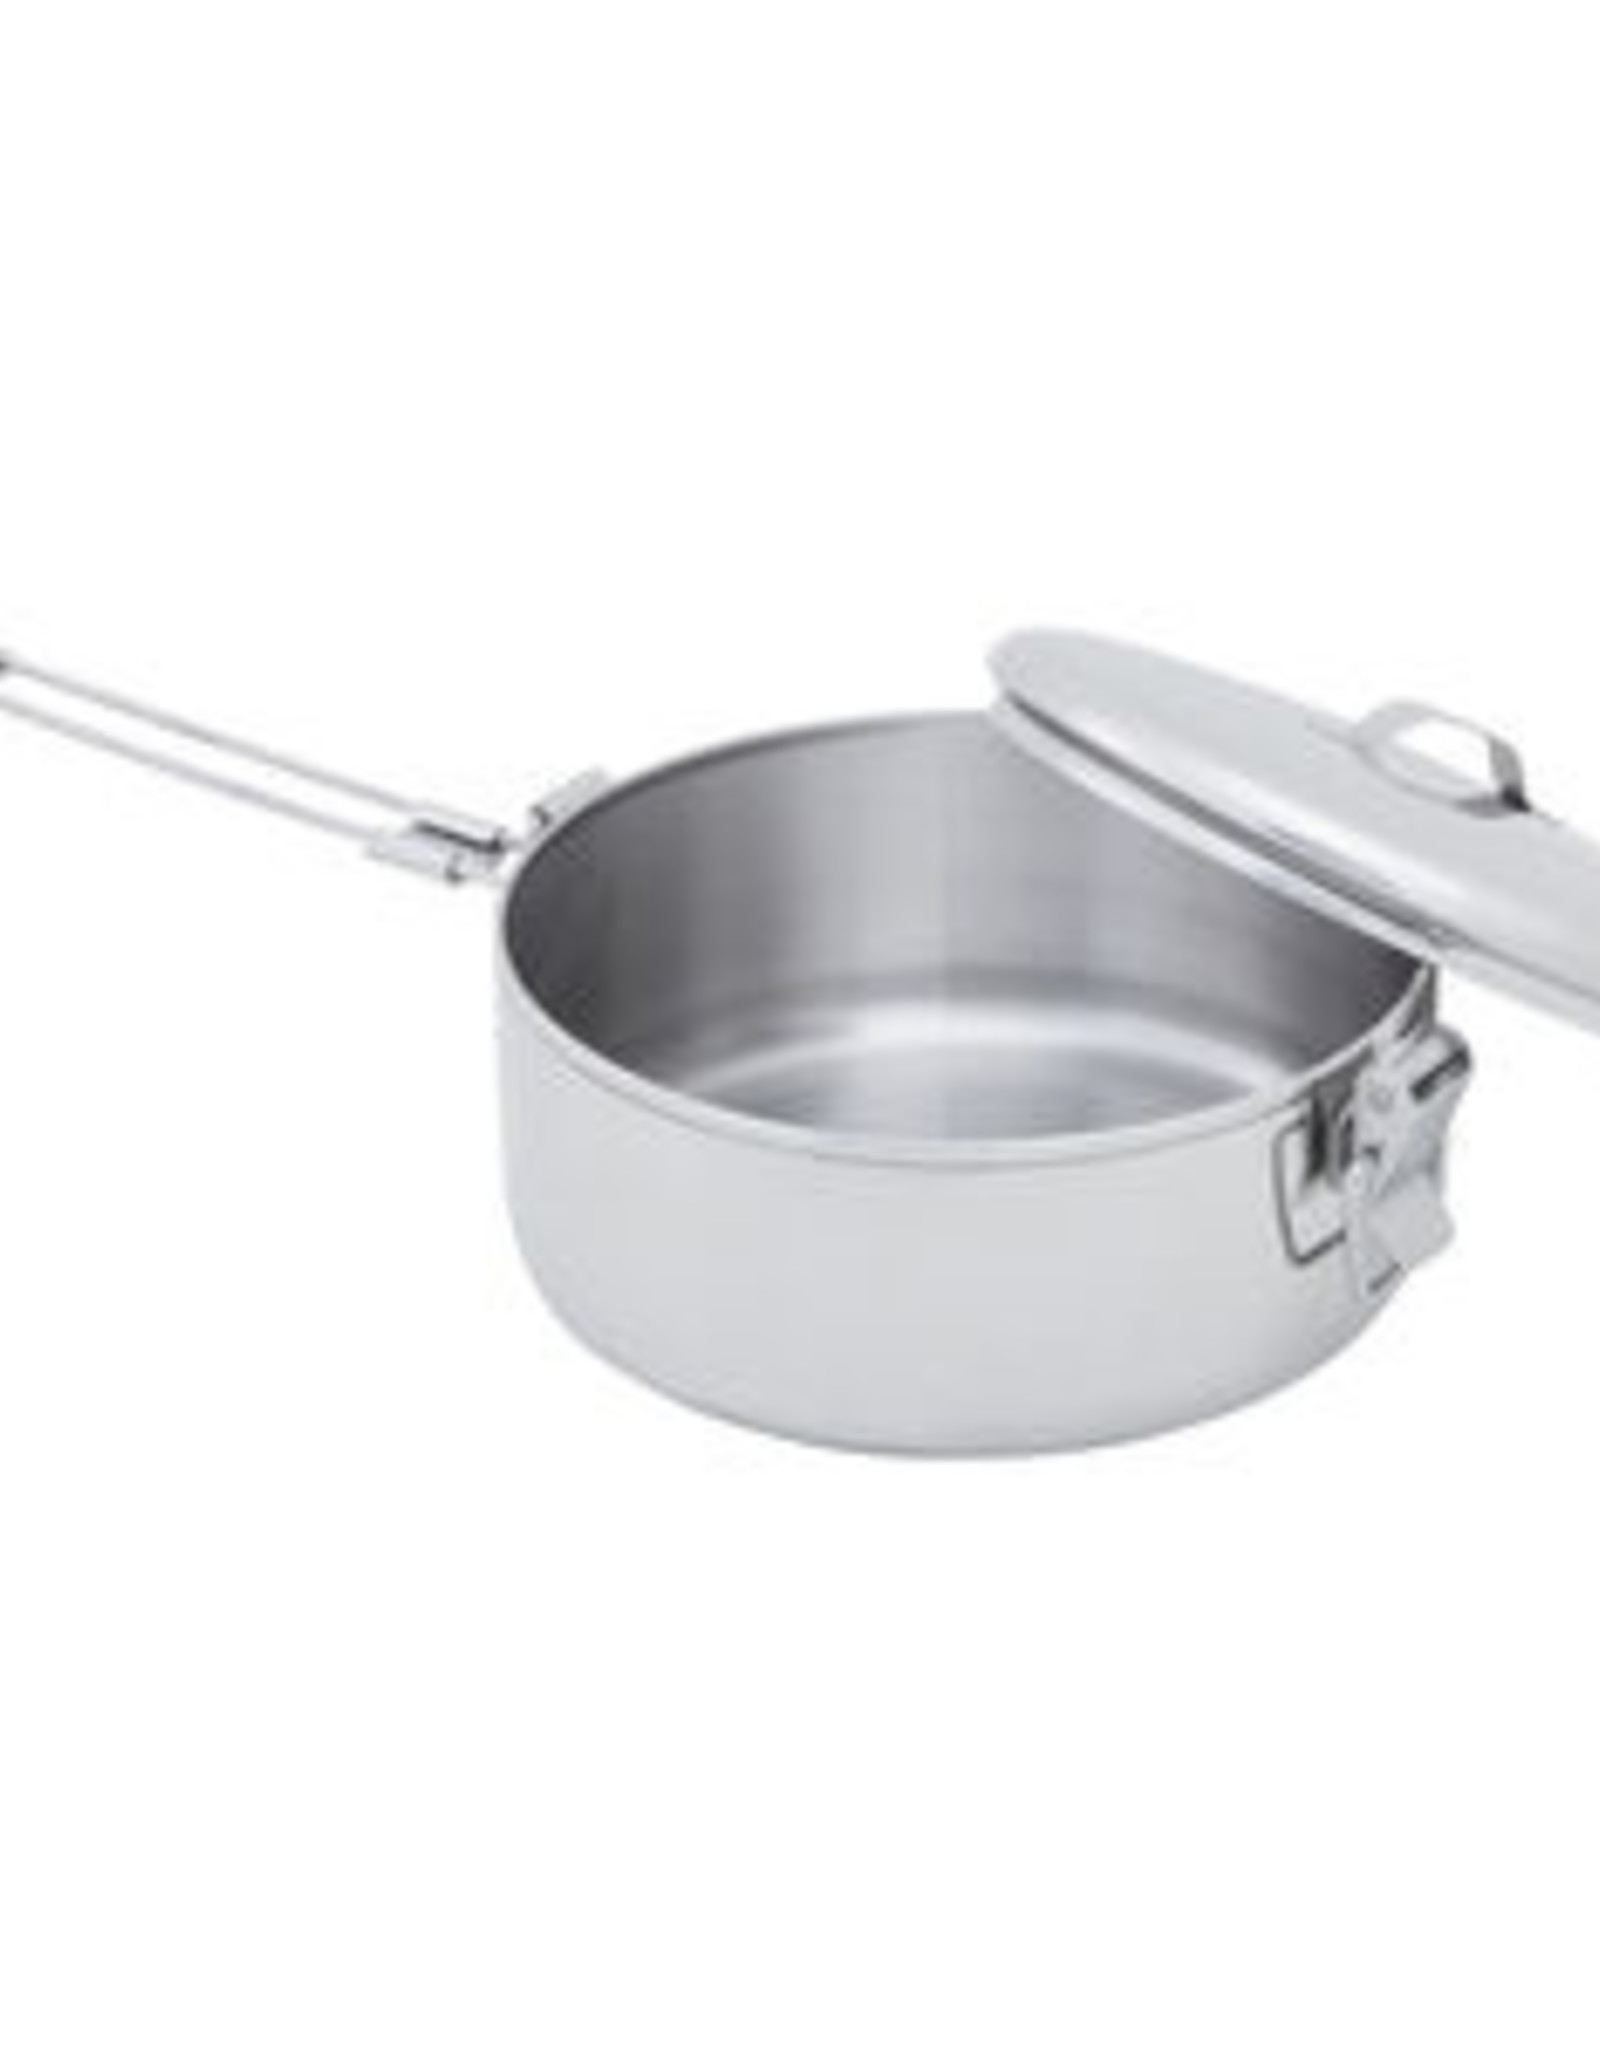 MSR MSR Alpine StowAway Cooking Pot: 475mL, 270g